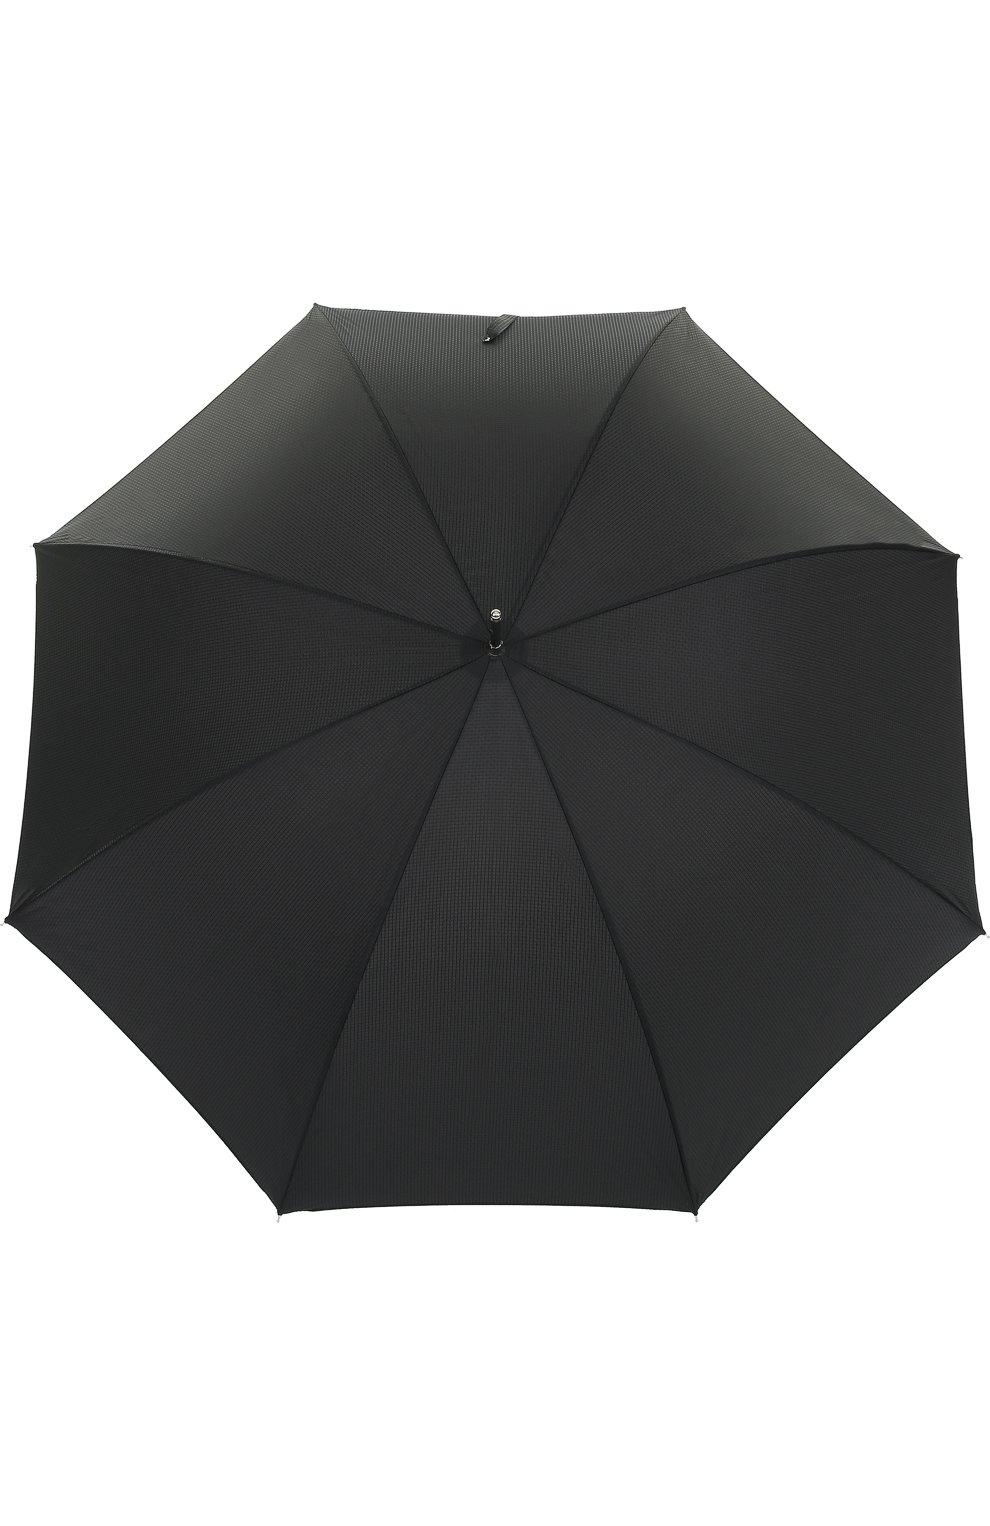 Мужской зонт-трость с отделкой кристаллами swarovski PASOTTI OMBRELLI черного цвета, арт. 478/NIAGARA 7079/8/W333 | Фото 1